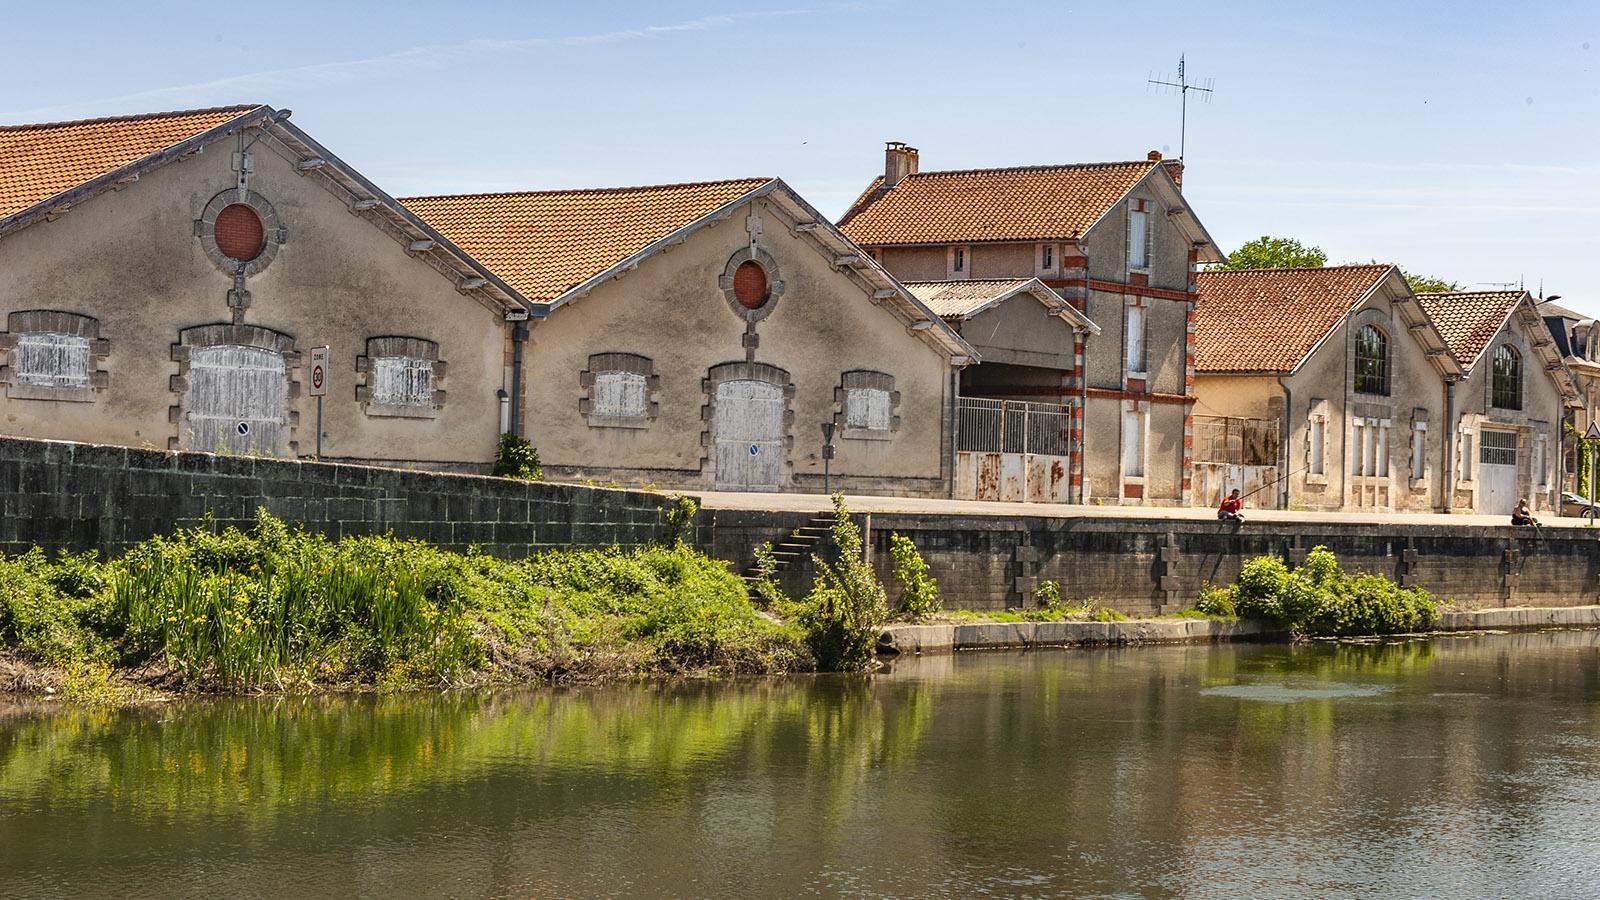 Die ehemaligen Weinlager von Châteauneuf-sur-Charente. Foto: Hilke Maunder